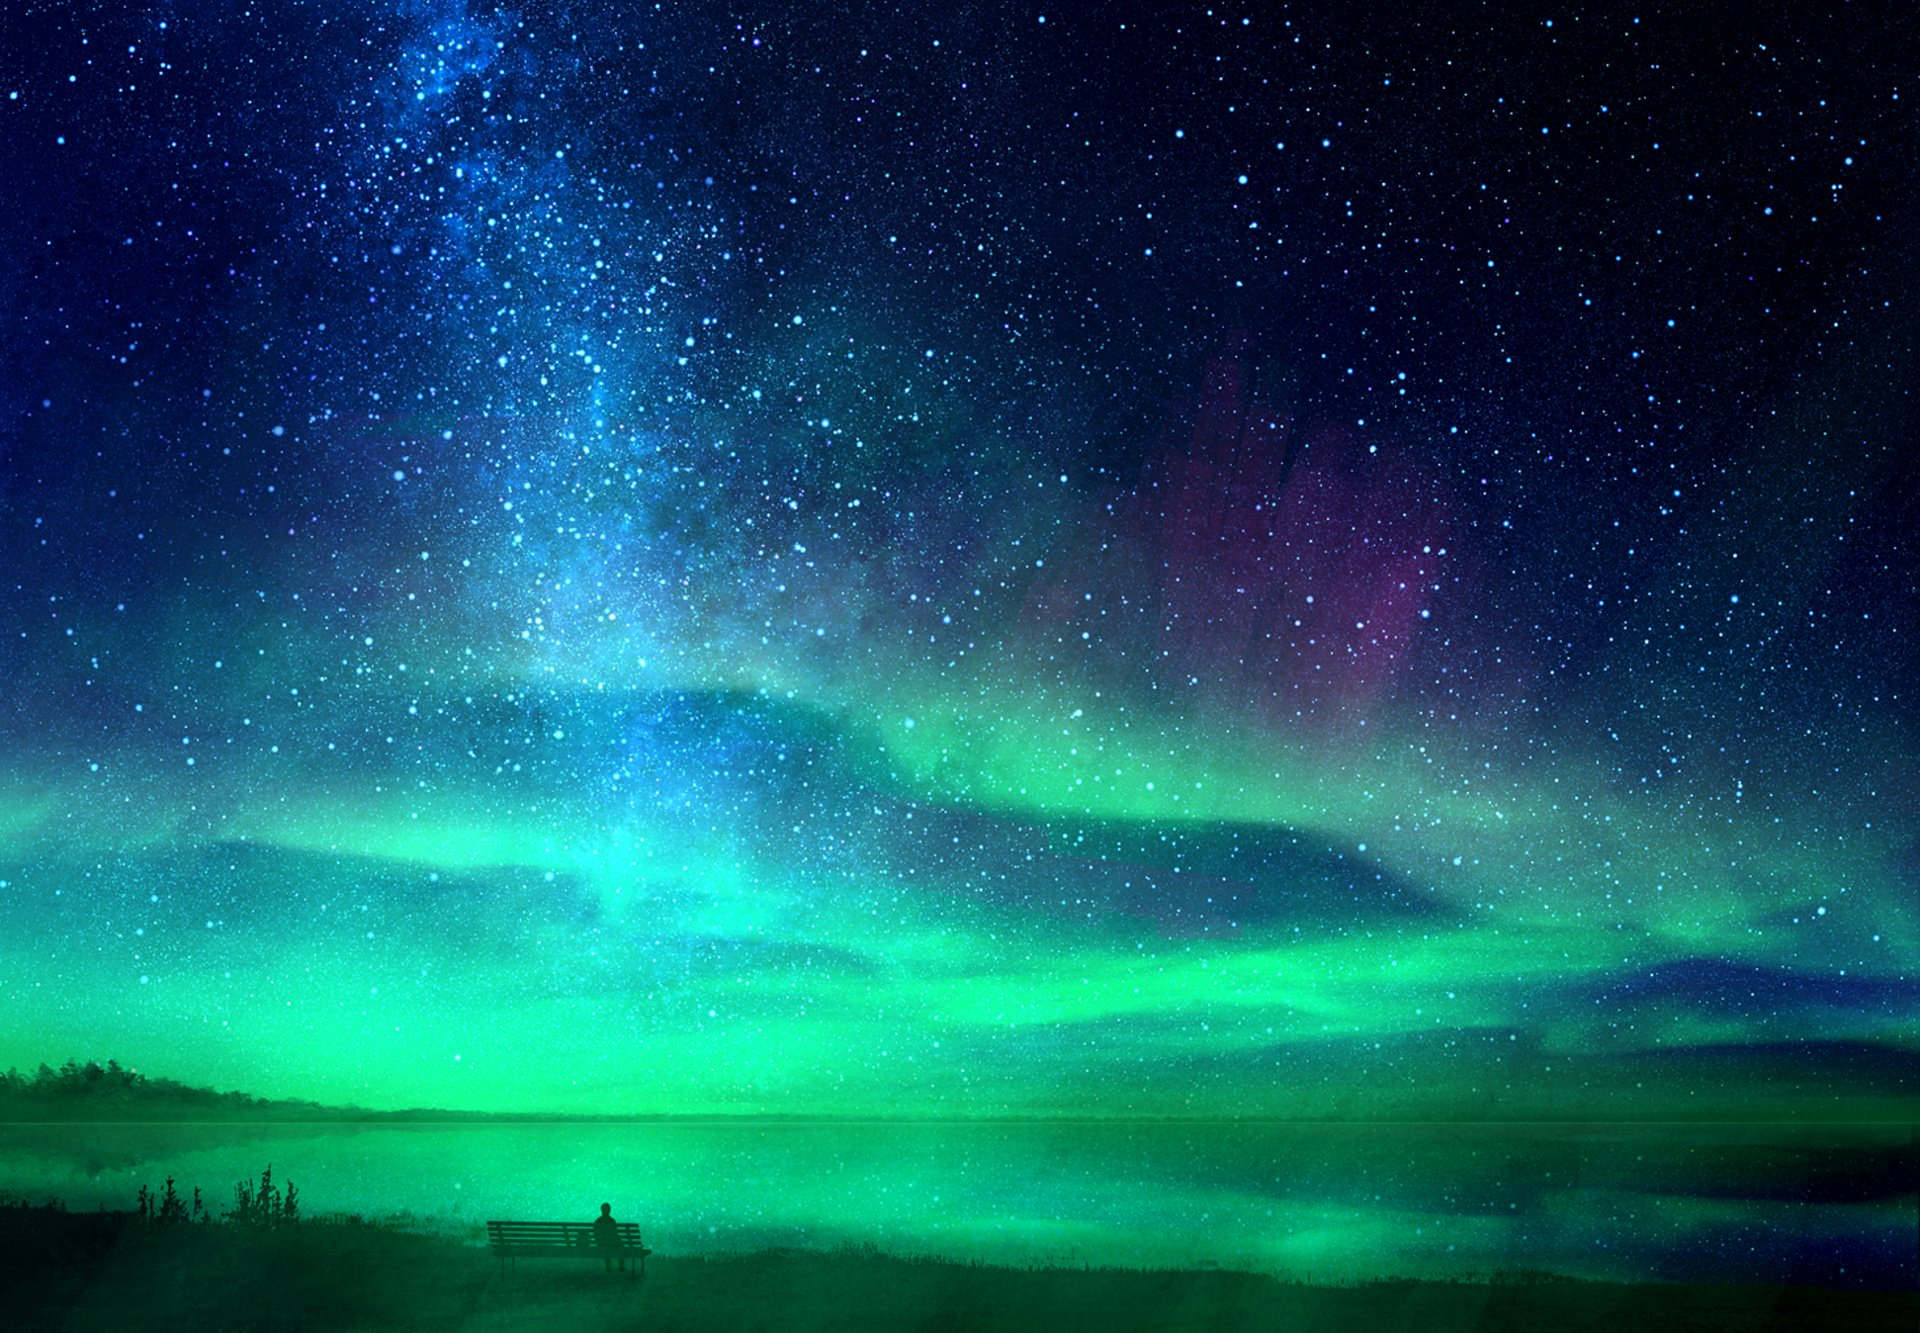 Ảnh bầu trời đầy sao đẹp lung linh